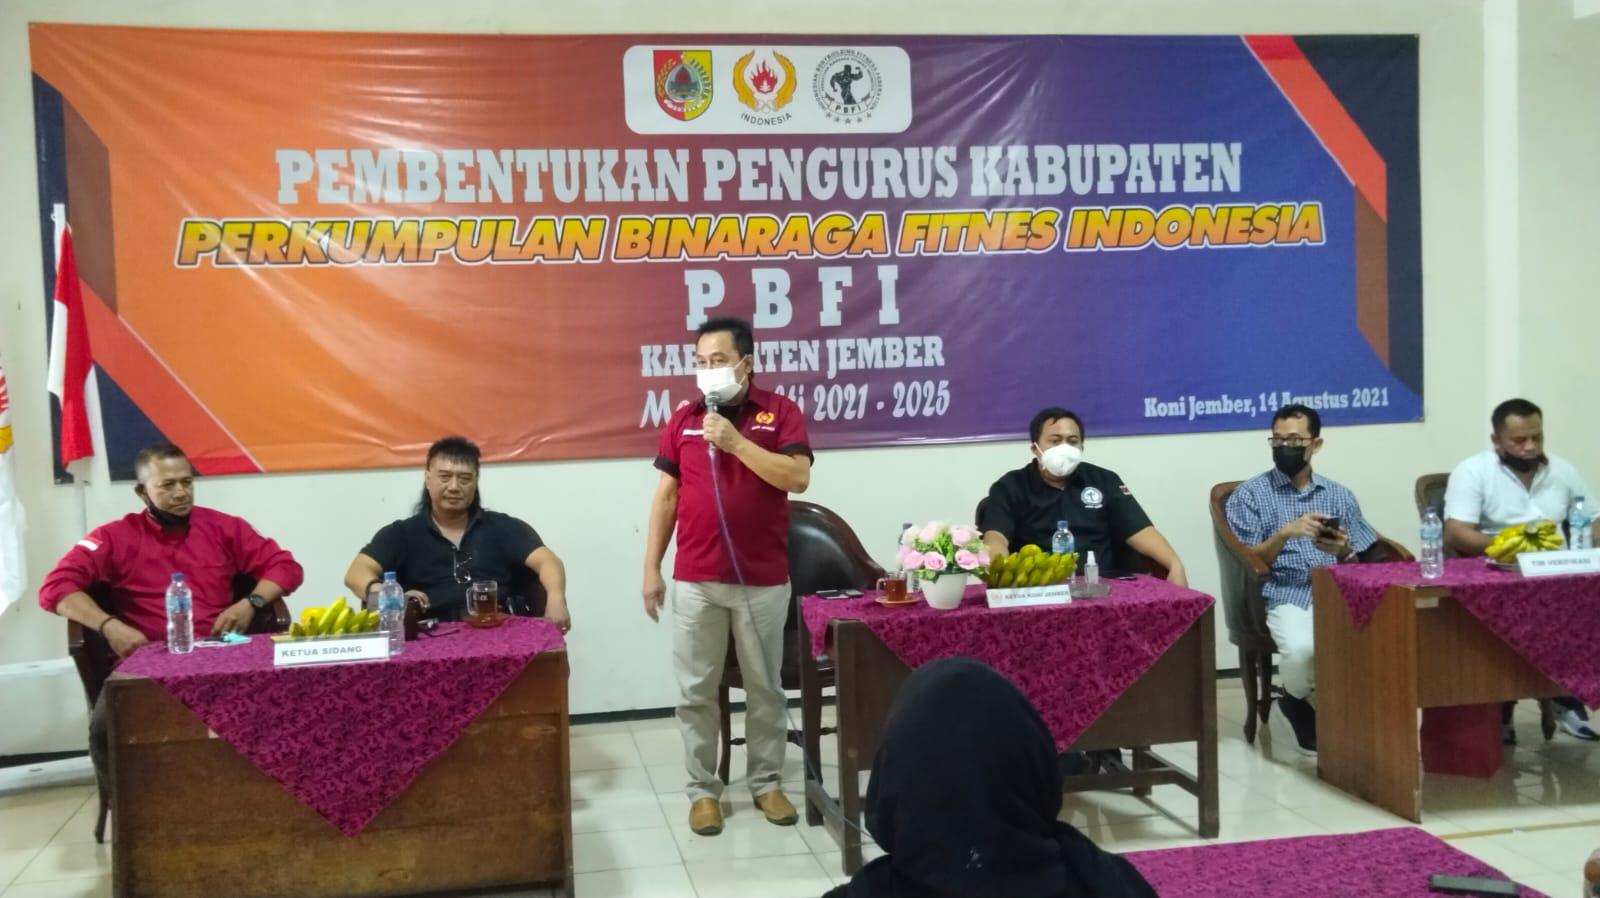 Junaidi Terpilih Menjadi Ketua PBFI Jember 2021-2025